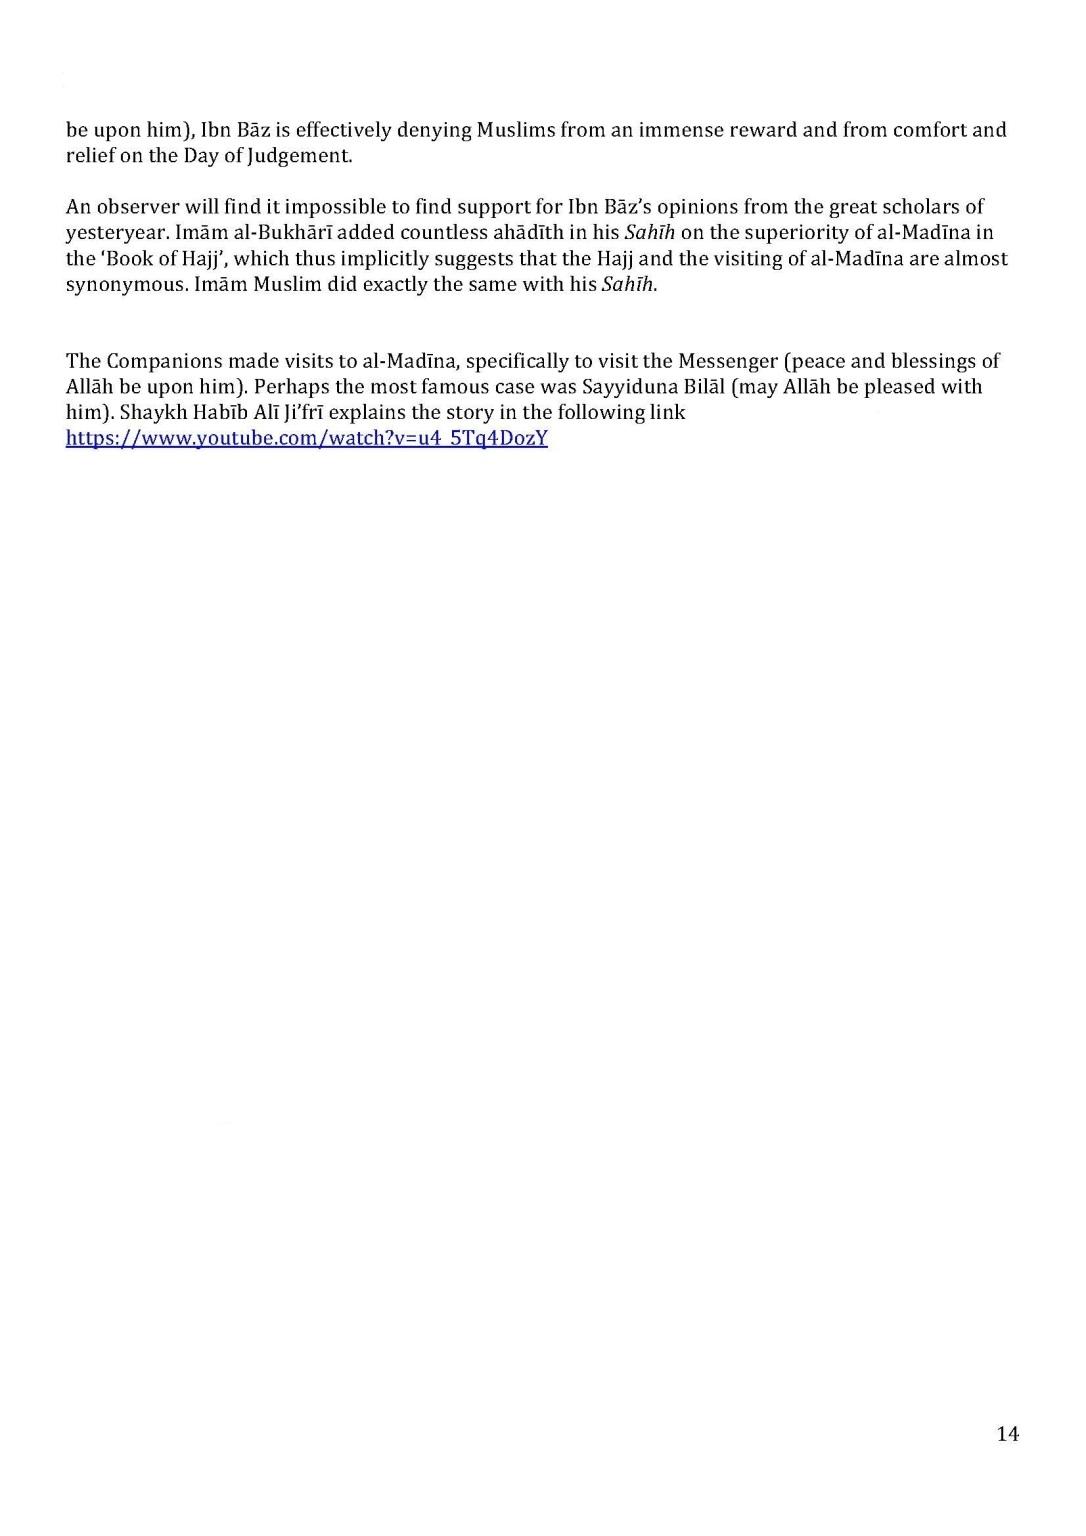 HistoryofMasjidNabawi_Page_14